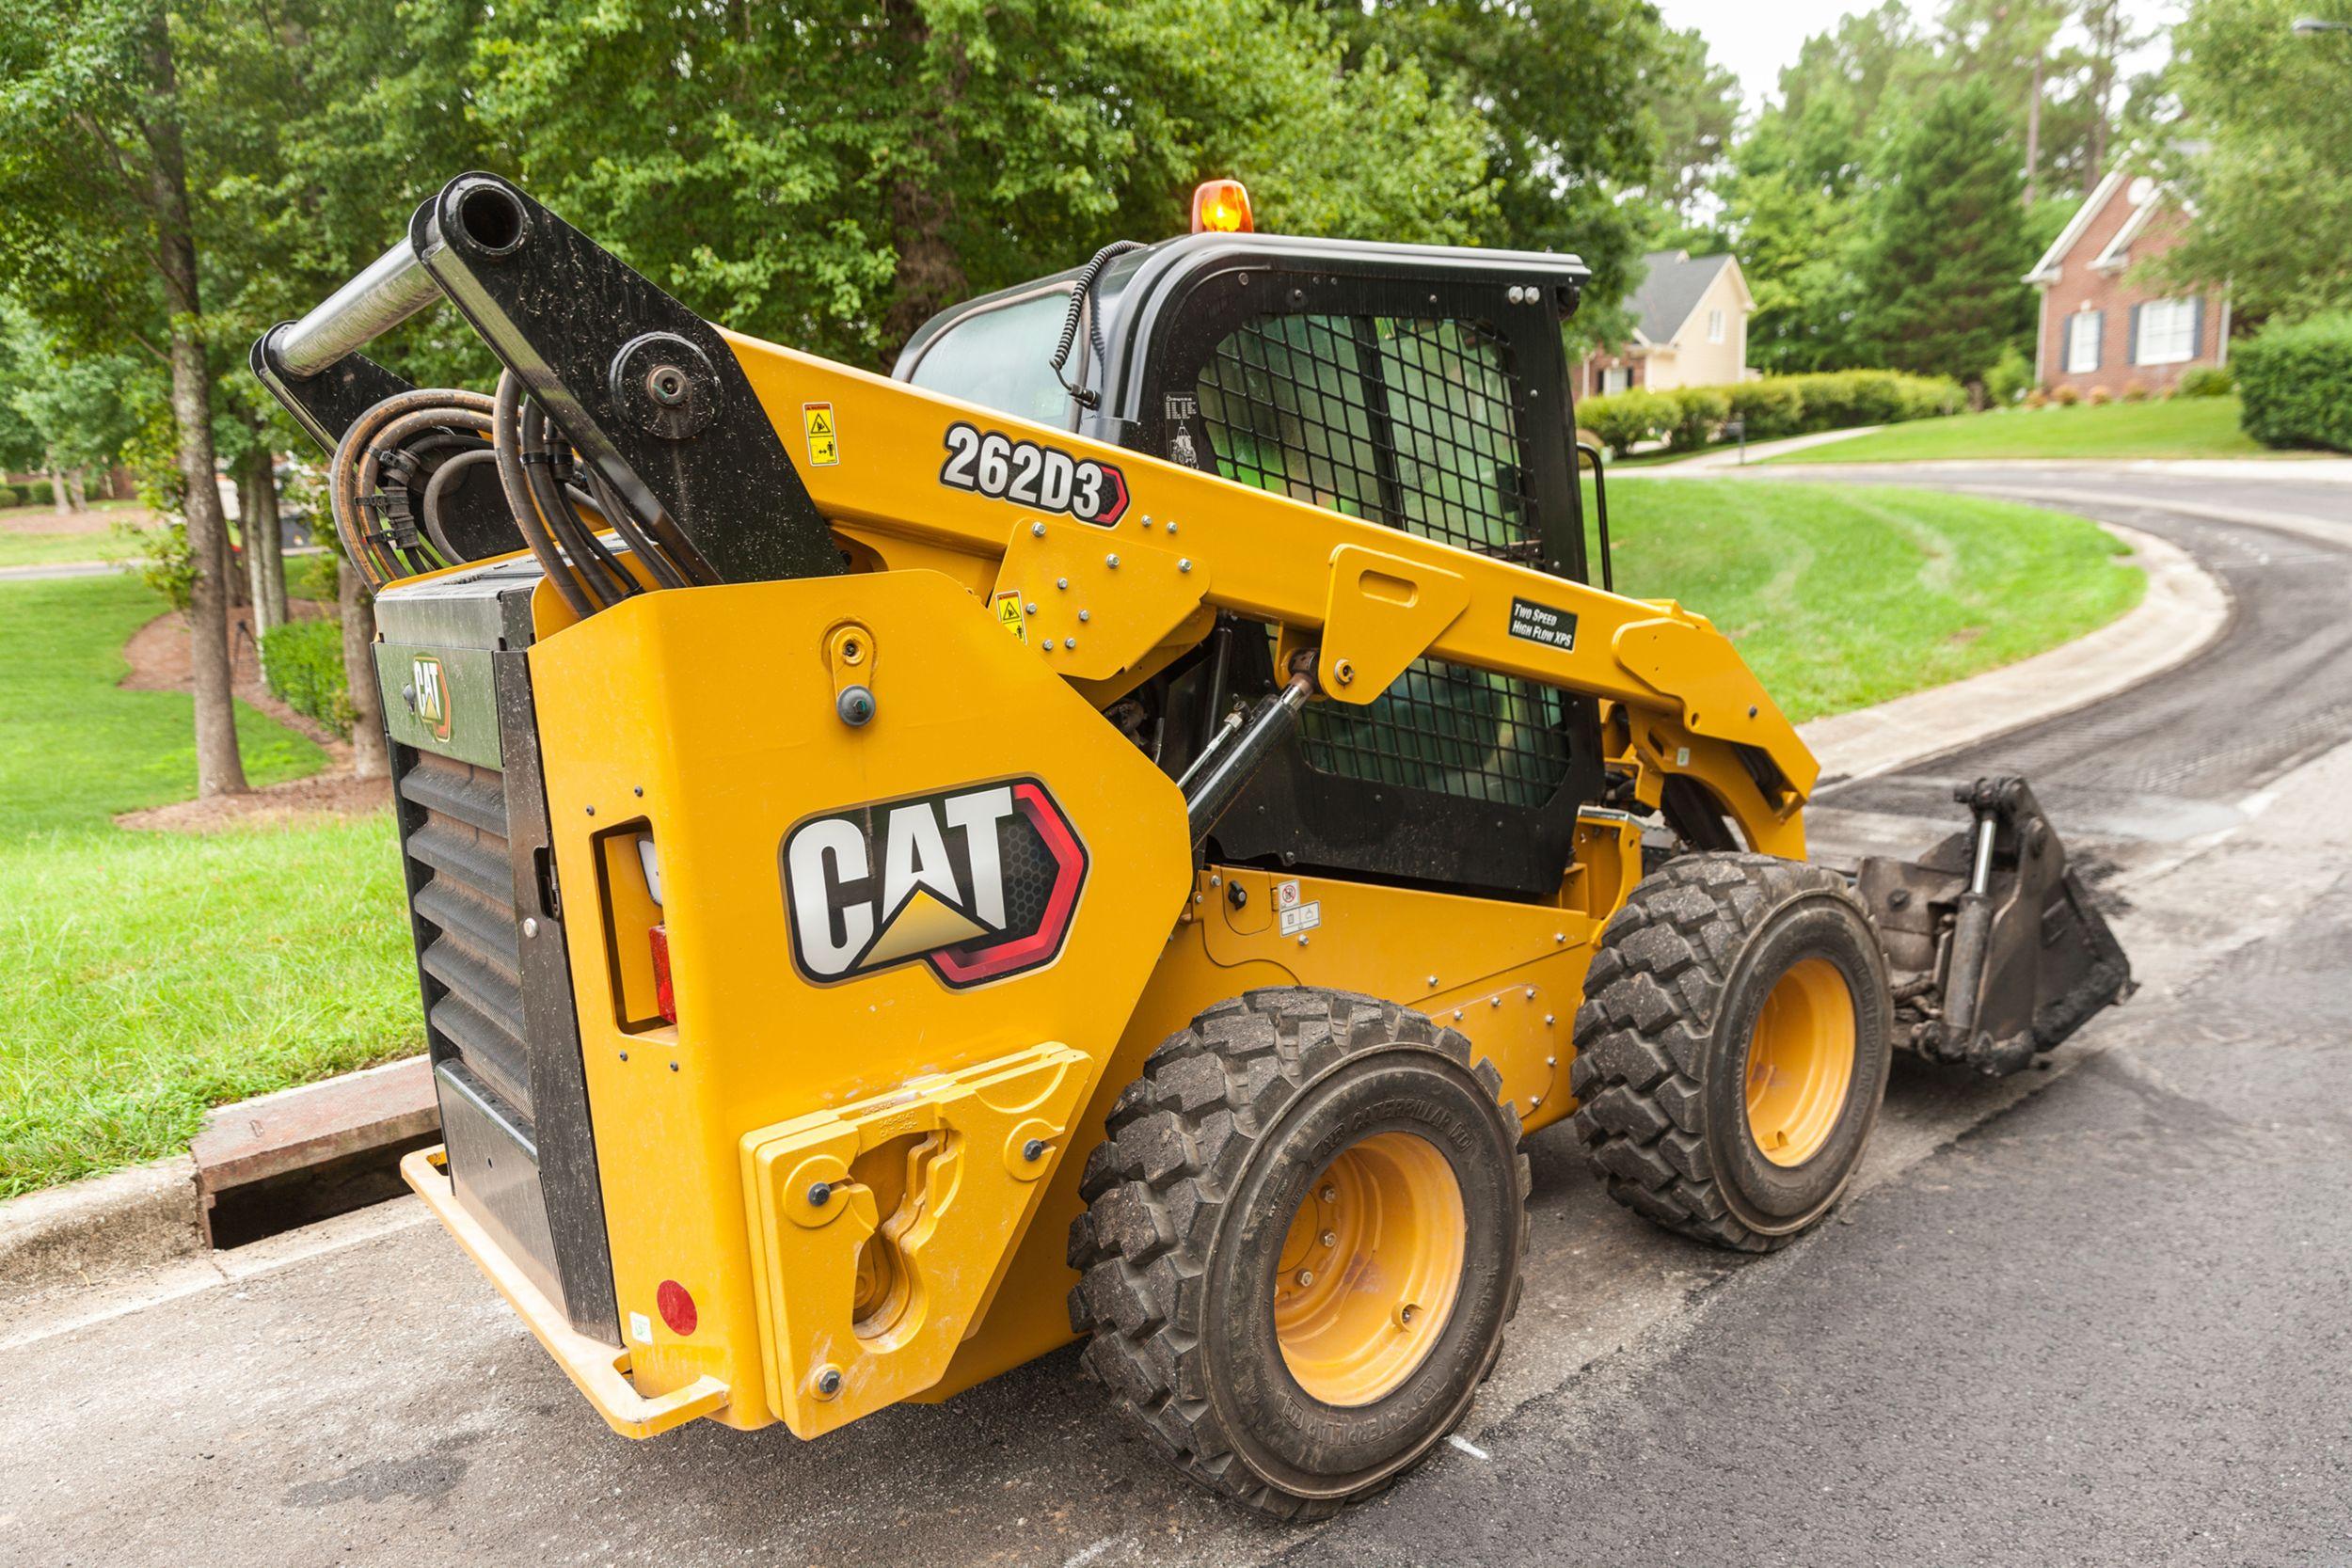 Cat 262D3